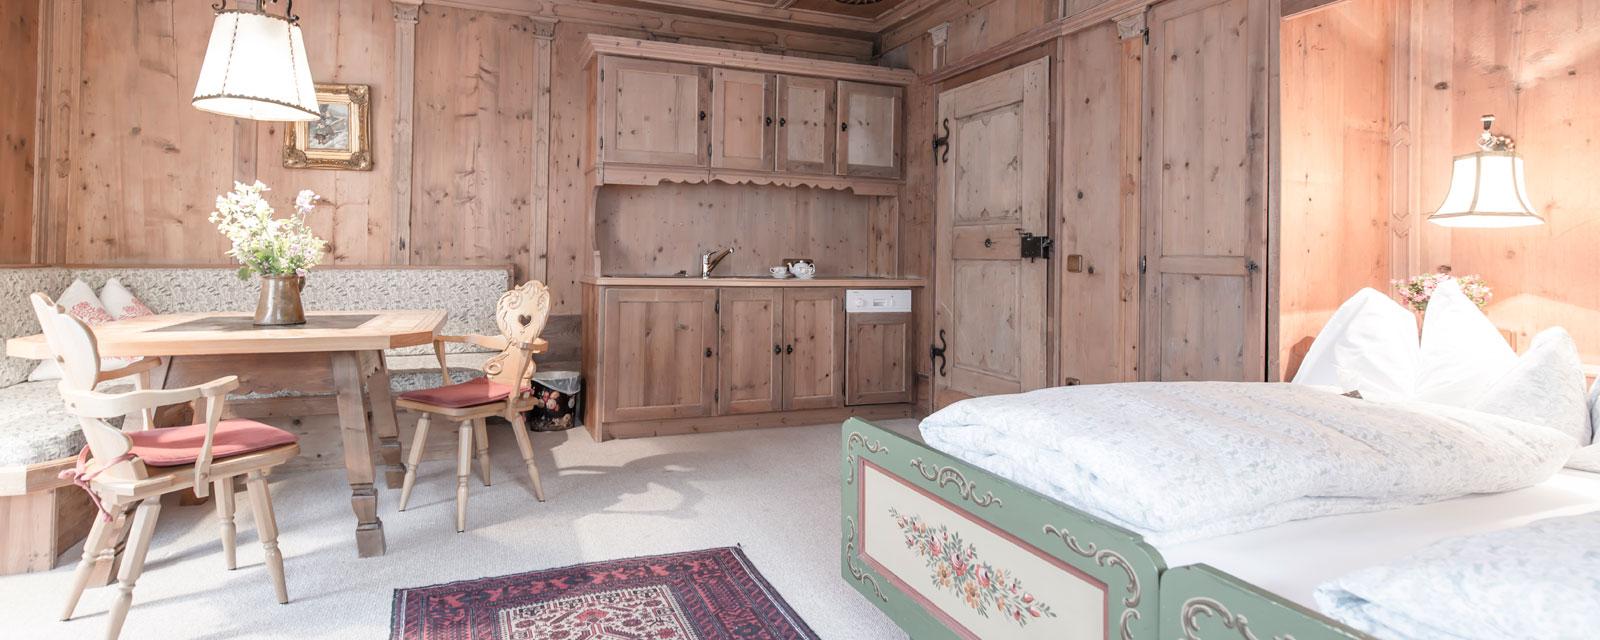 Mit alten Möbeln ausgestattetes Zimmer